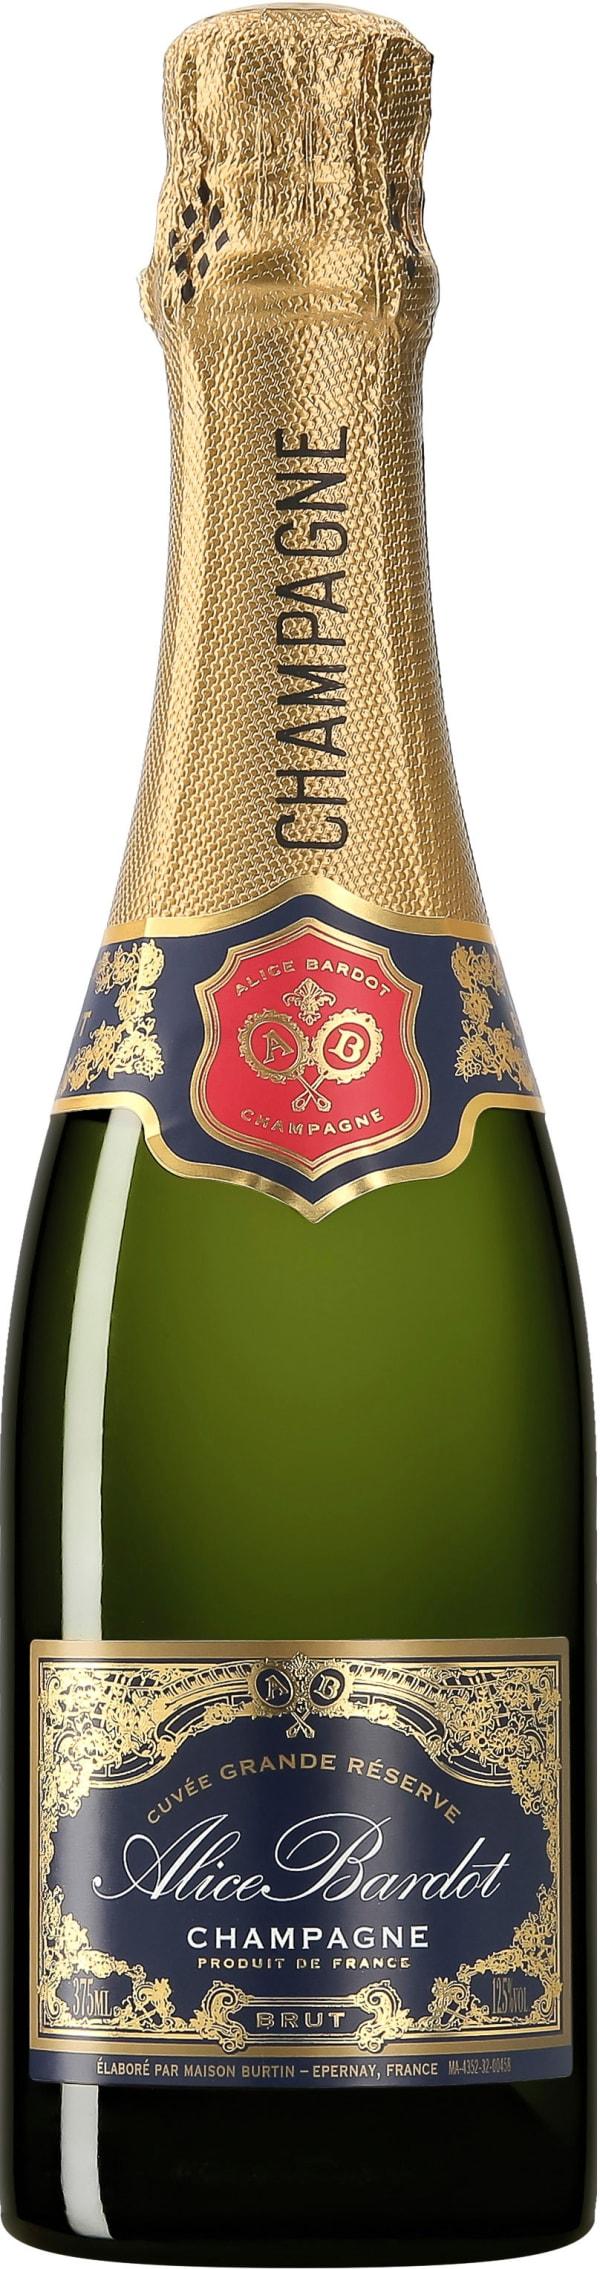 Alice Bardot Cuvée Grande Reserve Champagne Brut